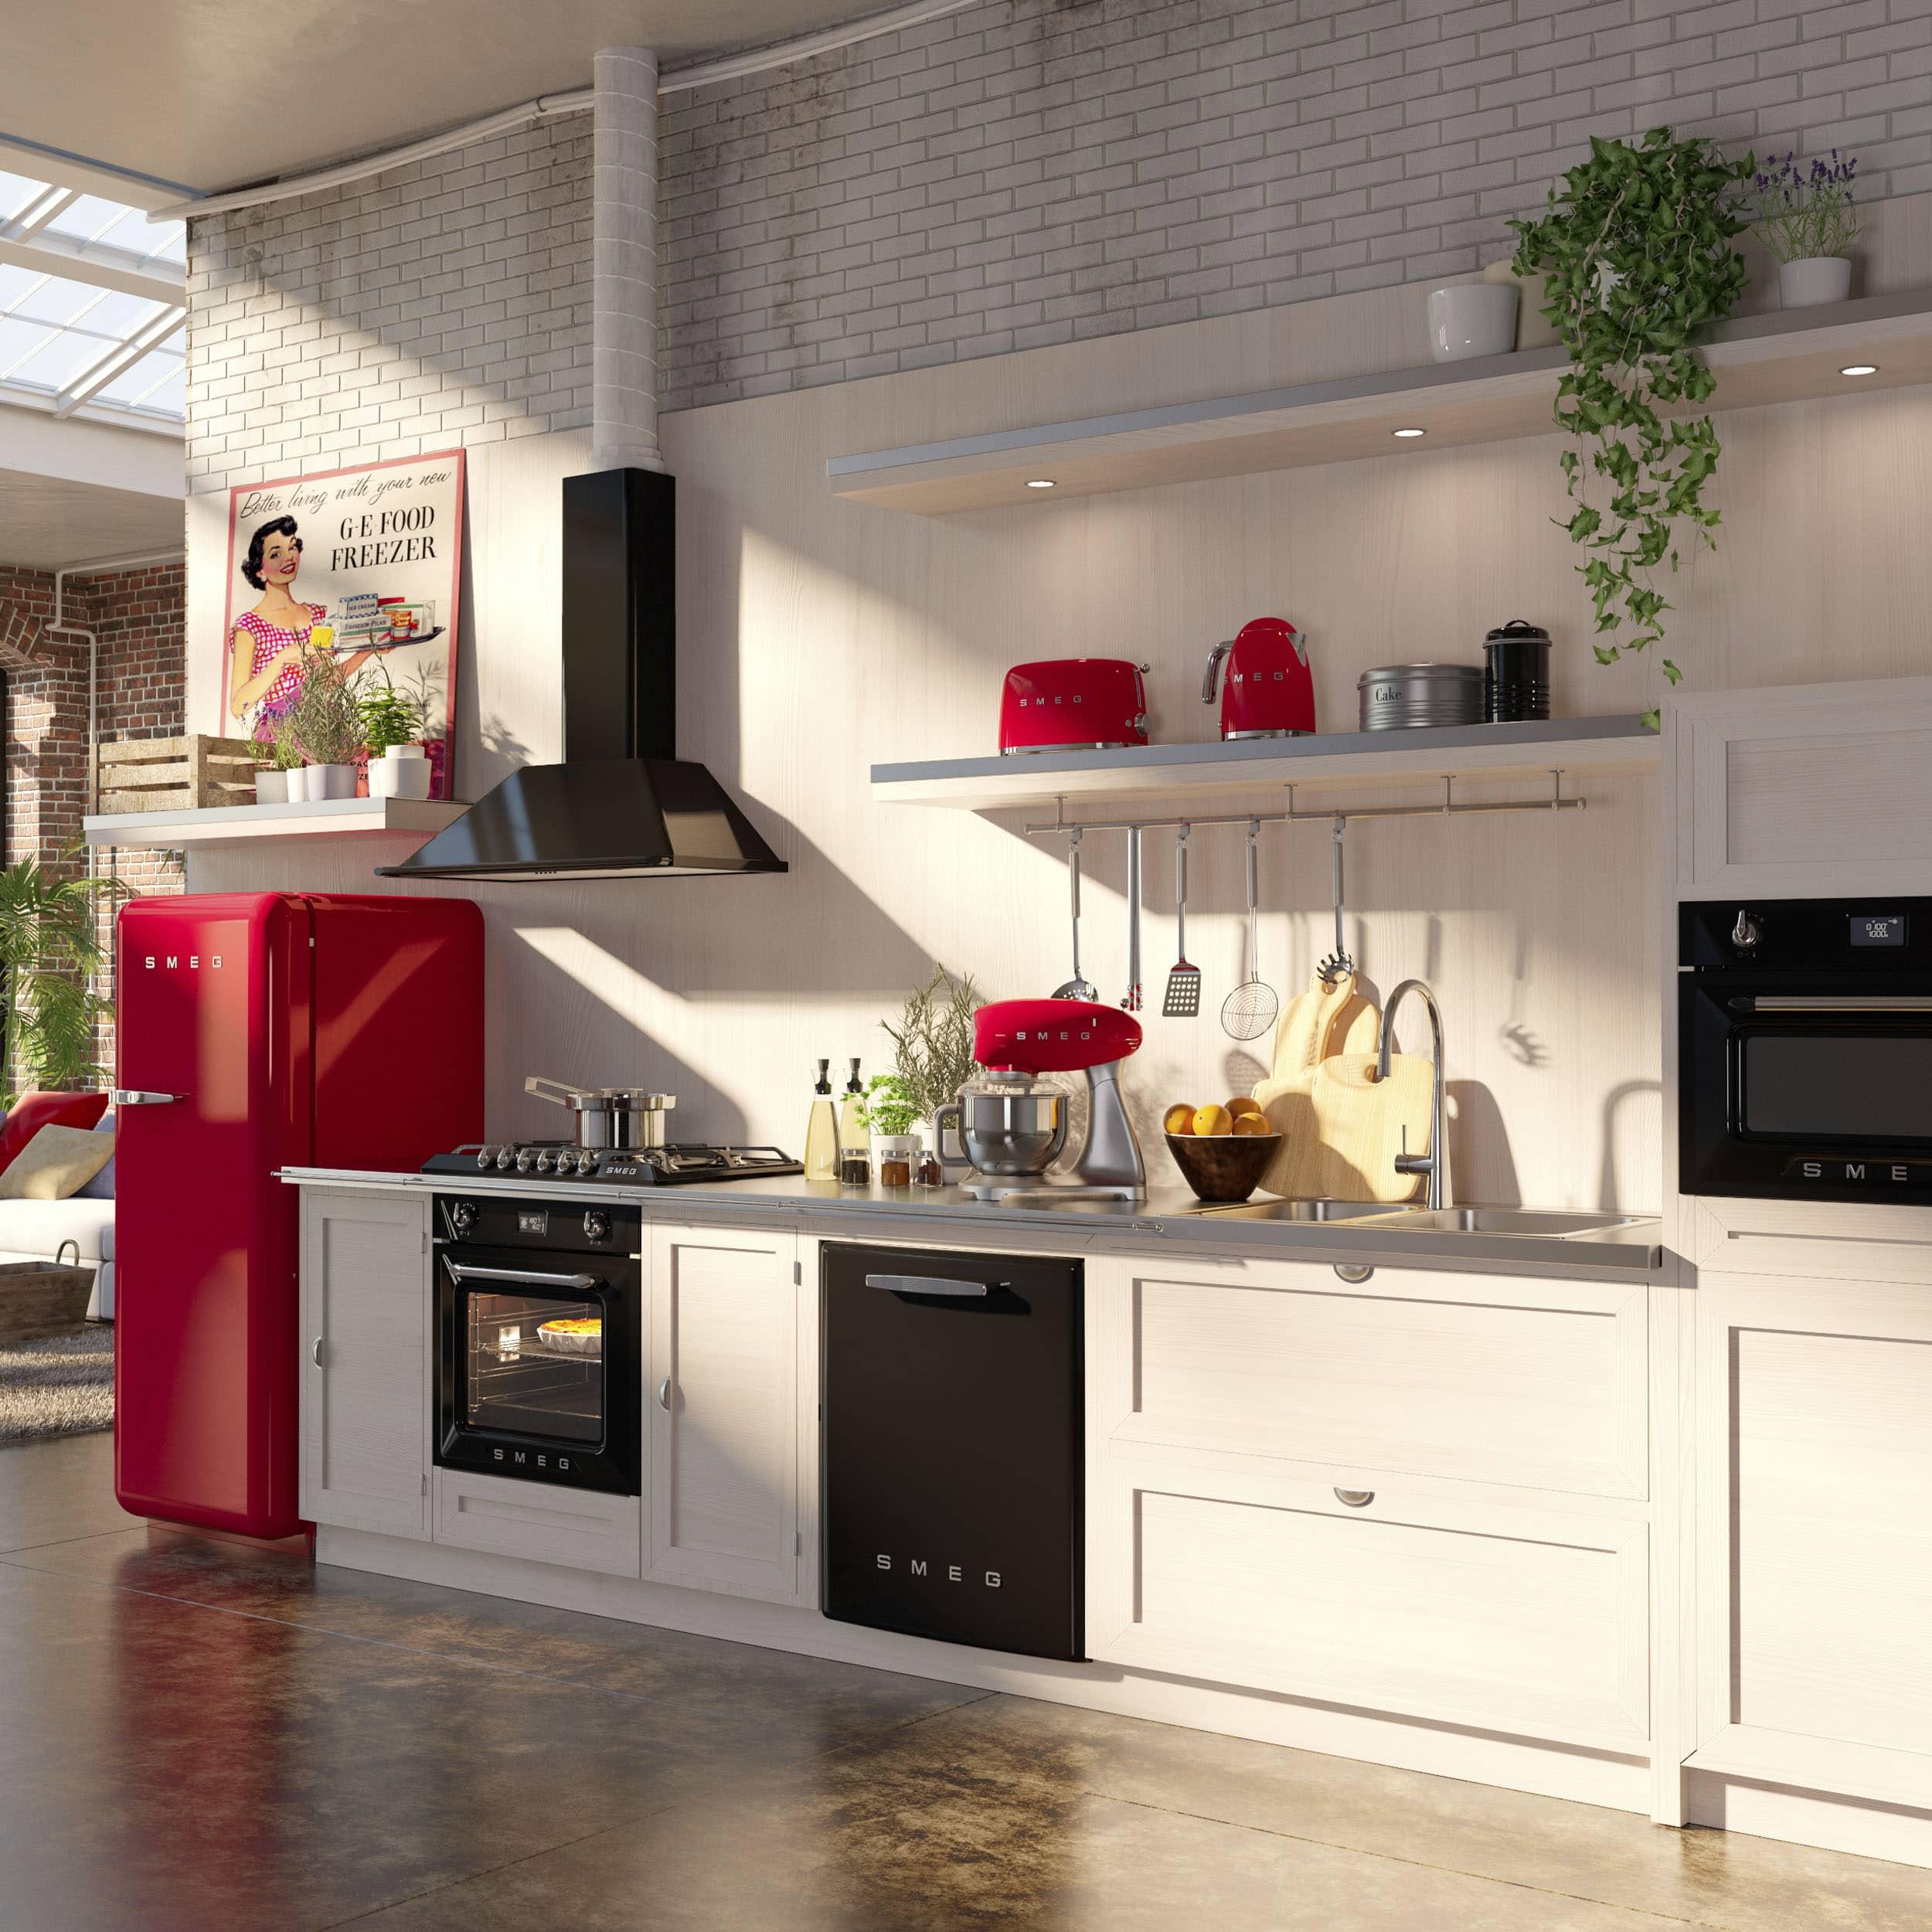 Smeg Küchenmaschine